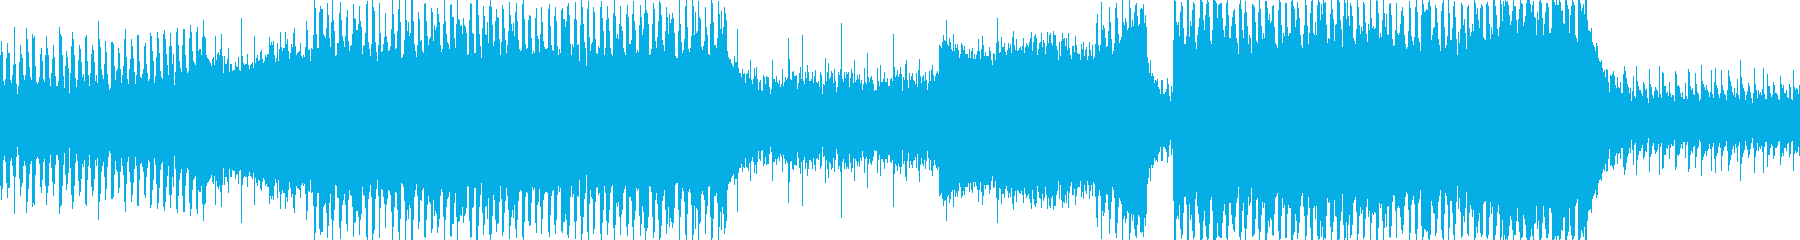 結婚行進曲のBGM向けポップアレンジですの再生済みの波形